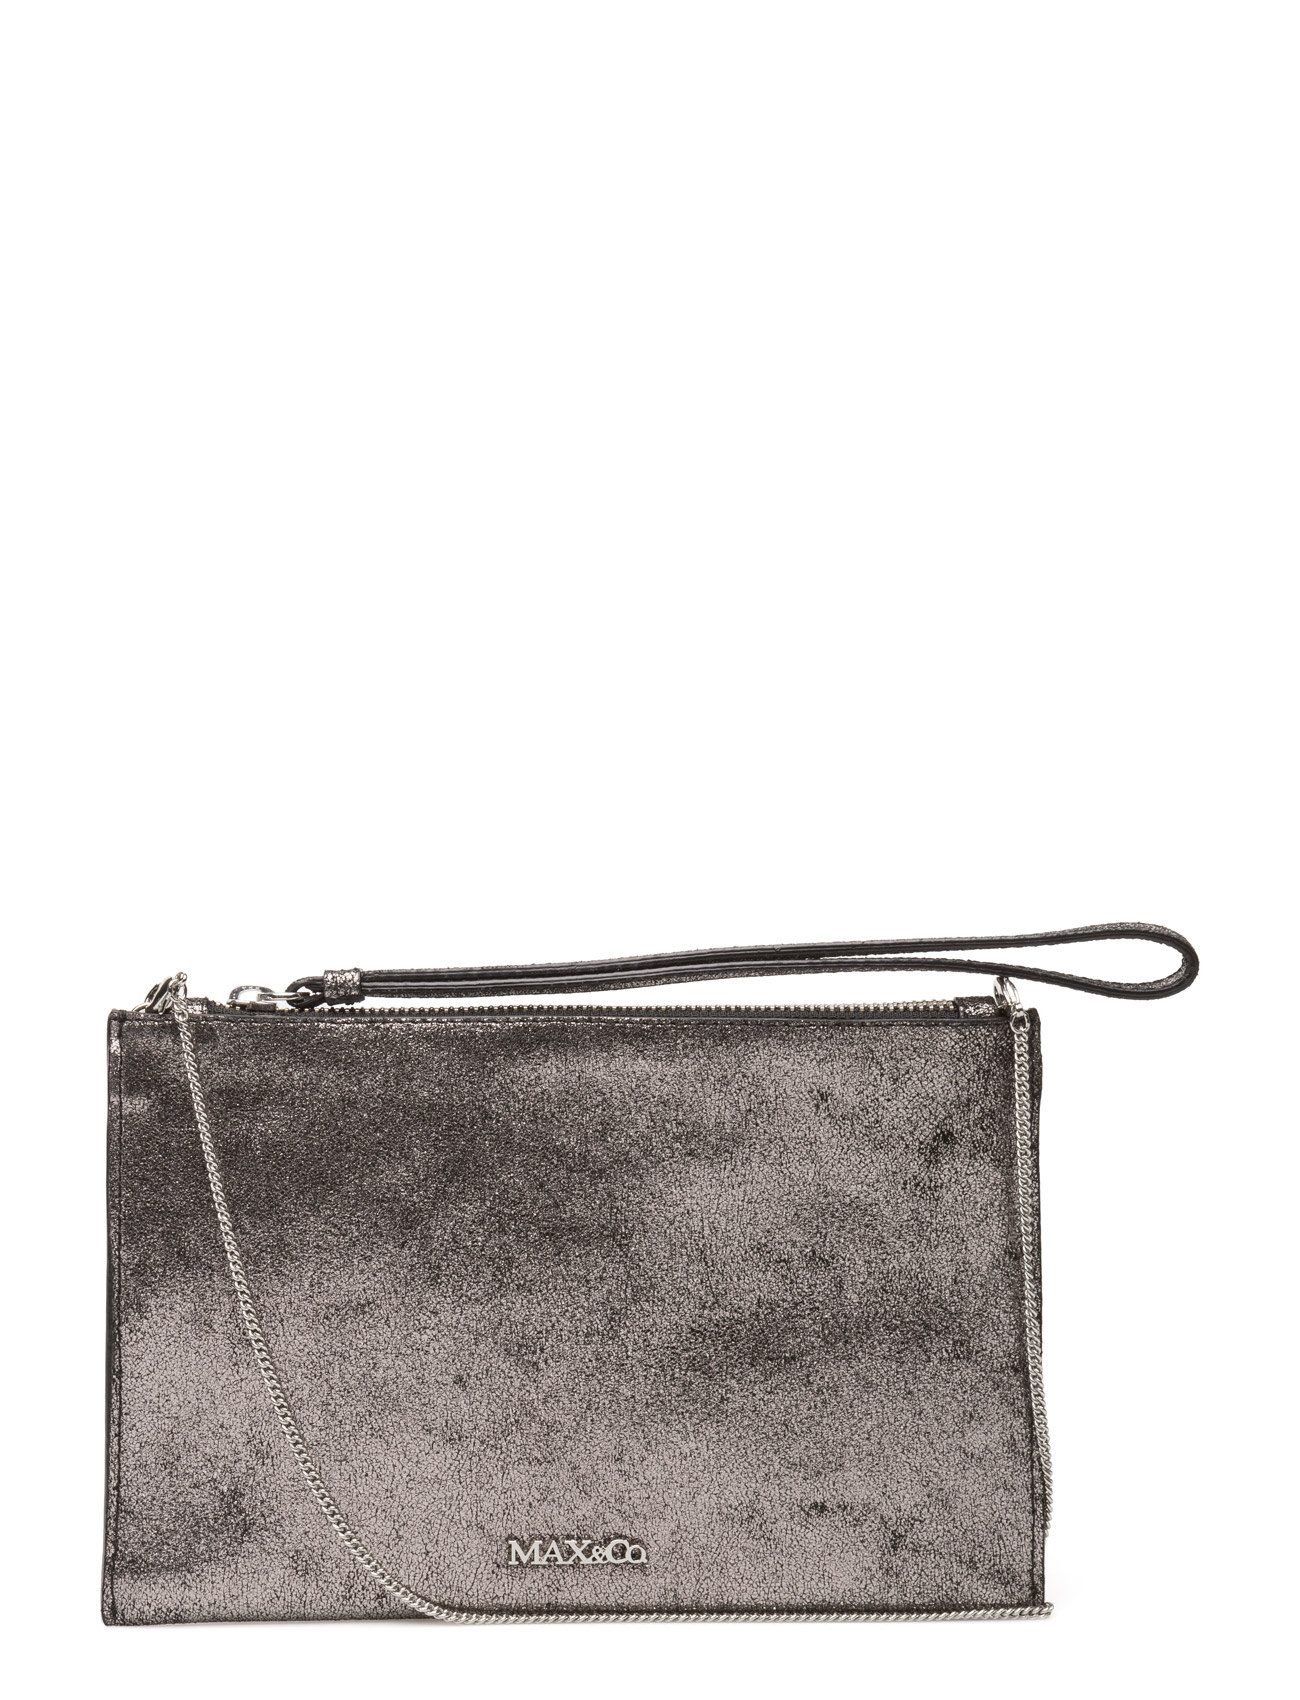 Mjclutch Max & Co. Små tasker til Damer i Sølv